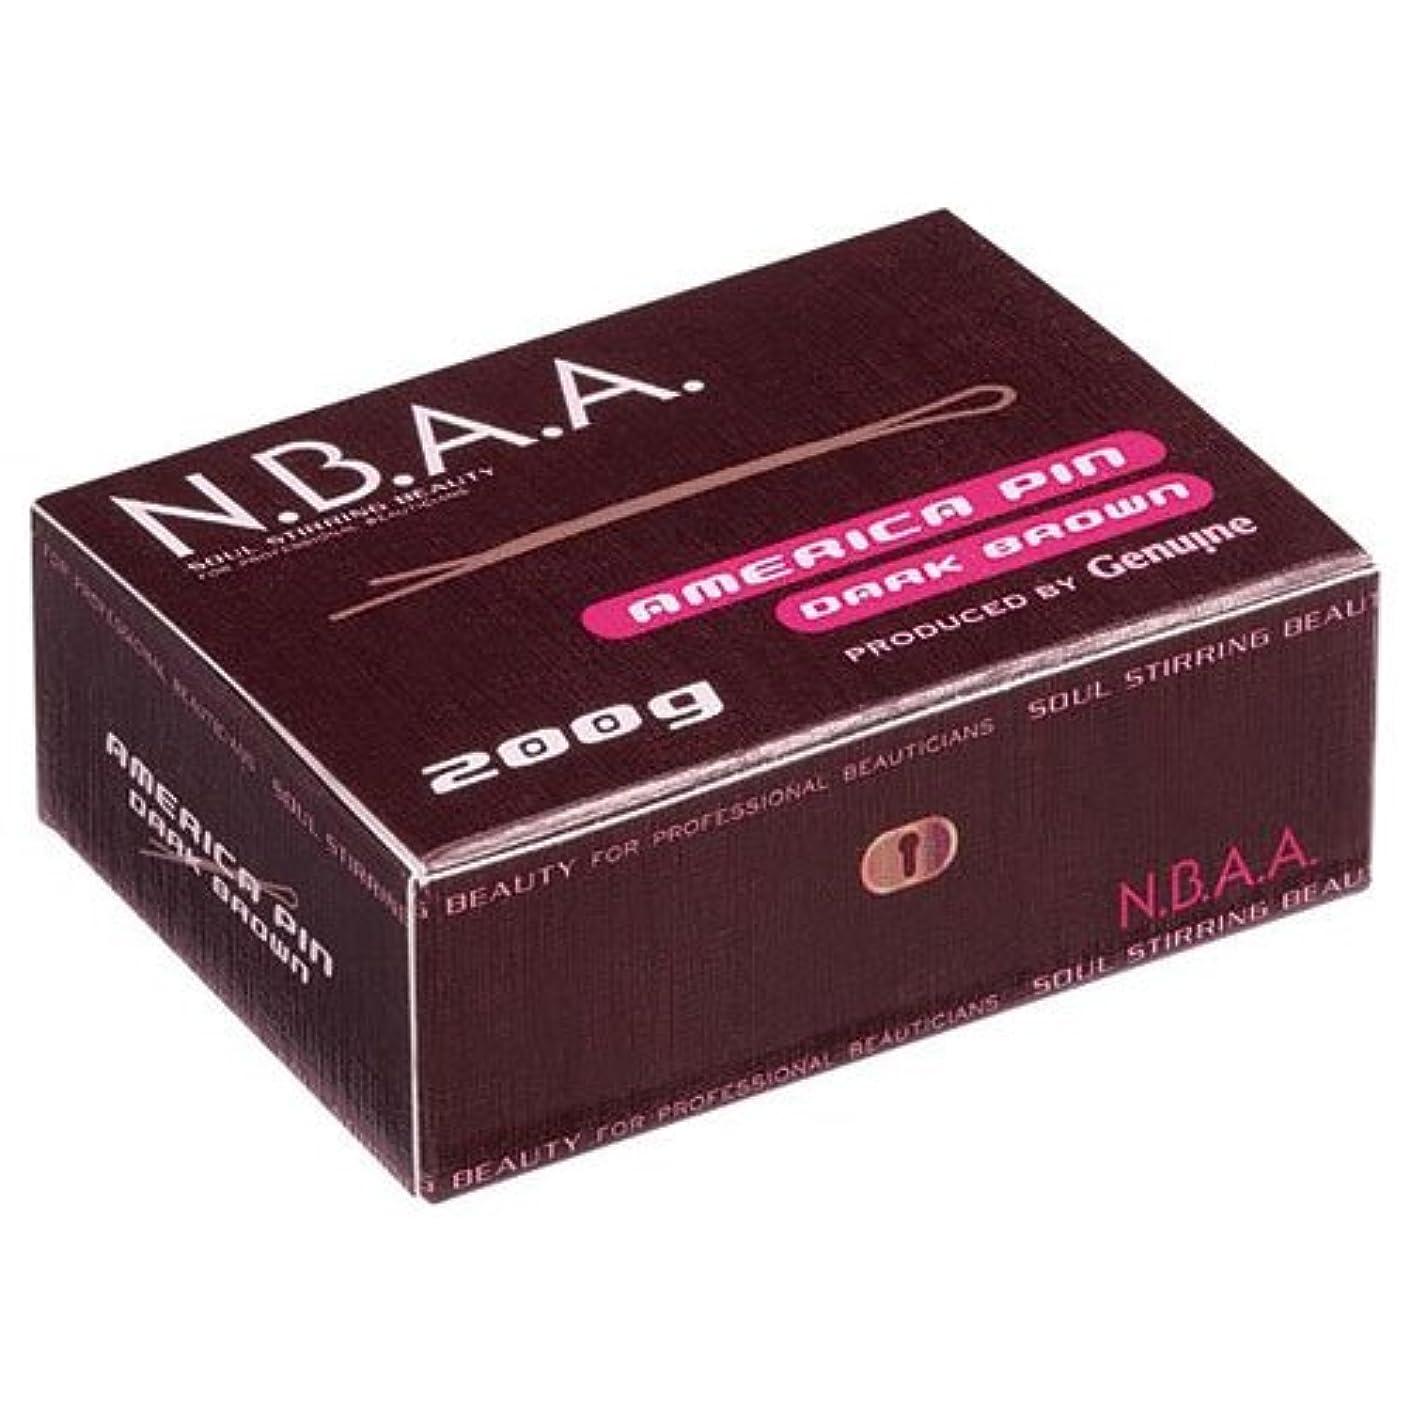 亡命わずかに反映するNB-P01 NBAA.アメリカピン 200g